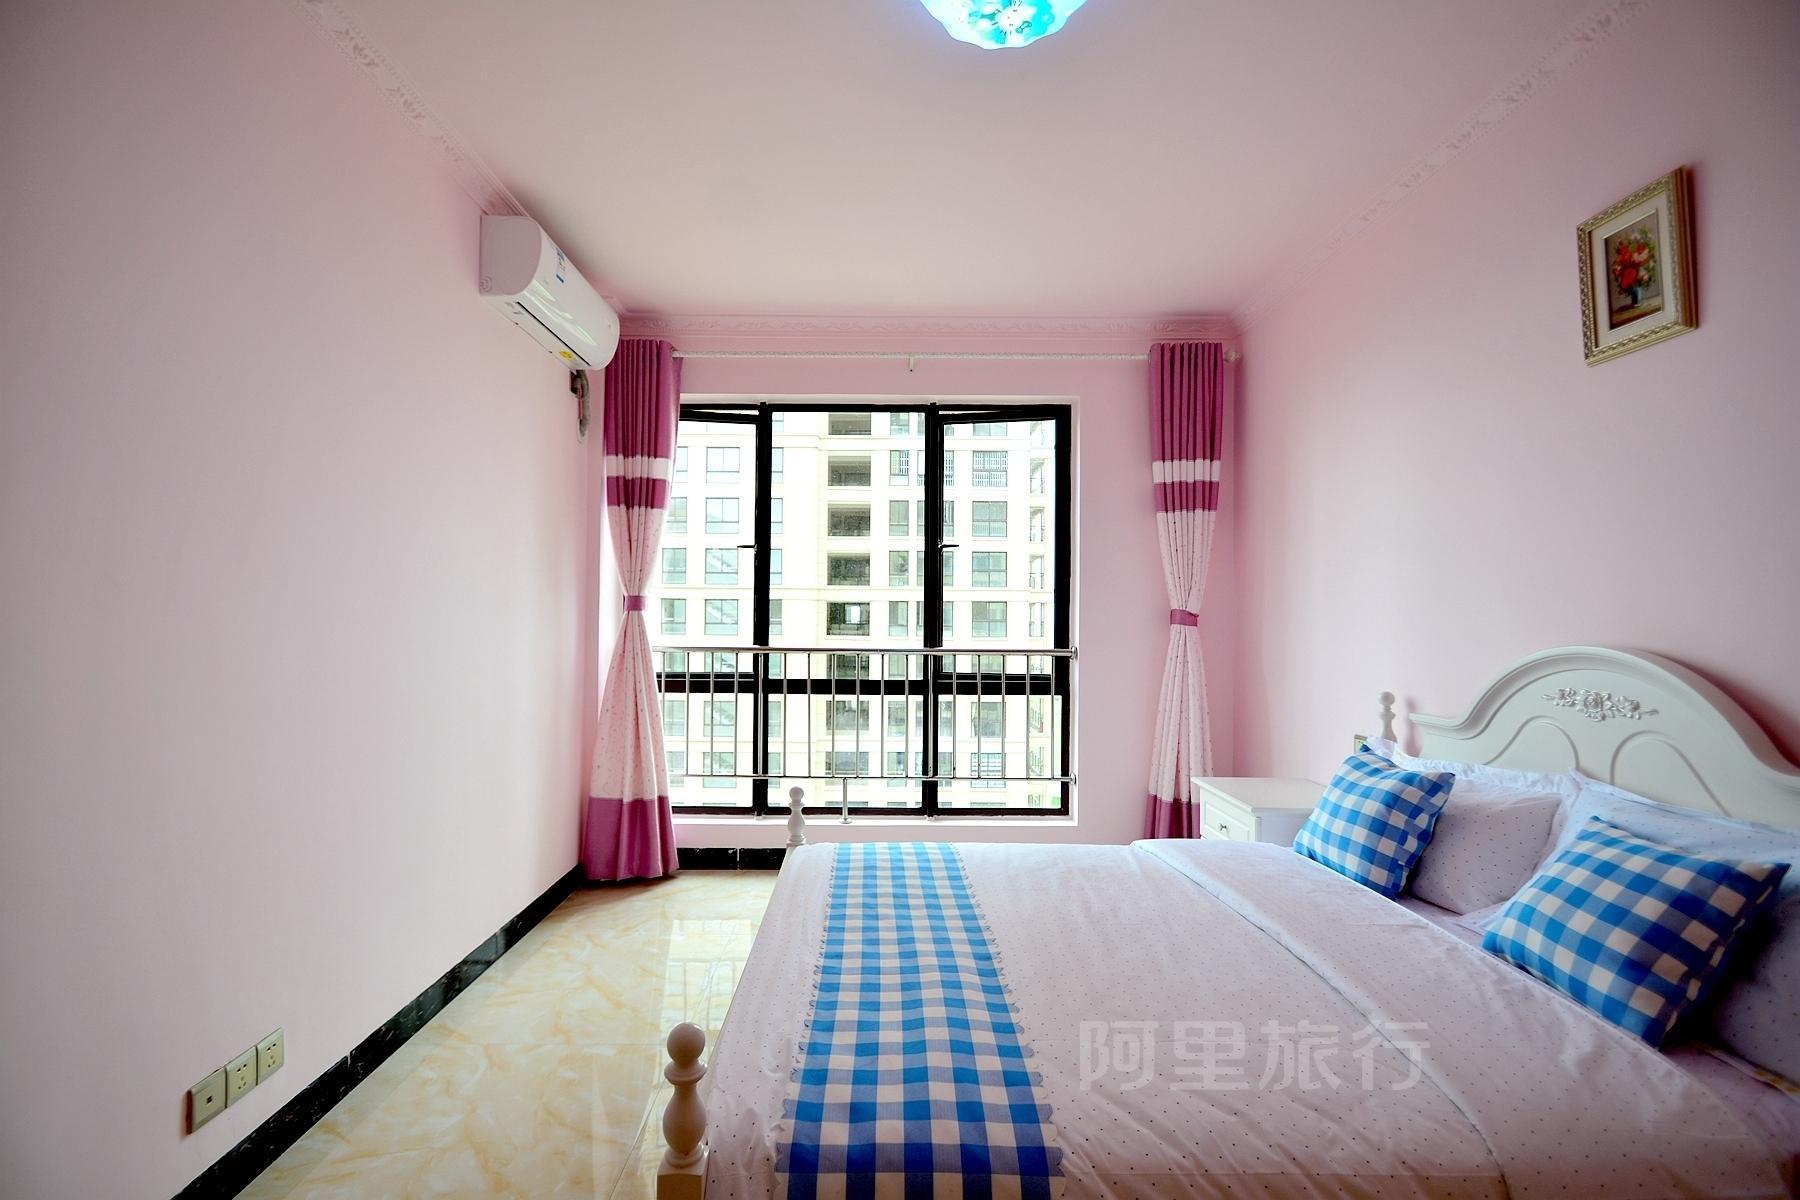 北海滨海湾-森海豪庭海景公寓酒店阿里旅行特价房